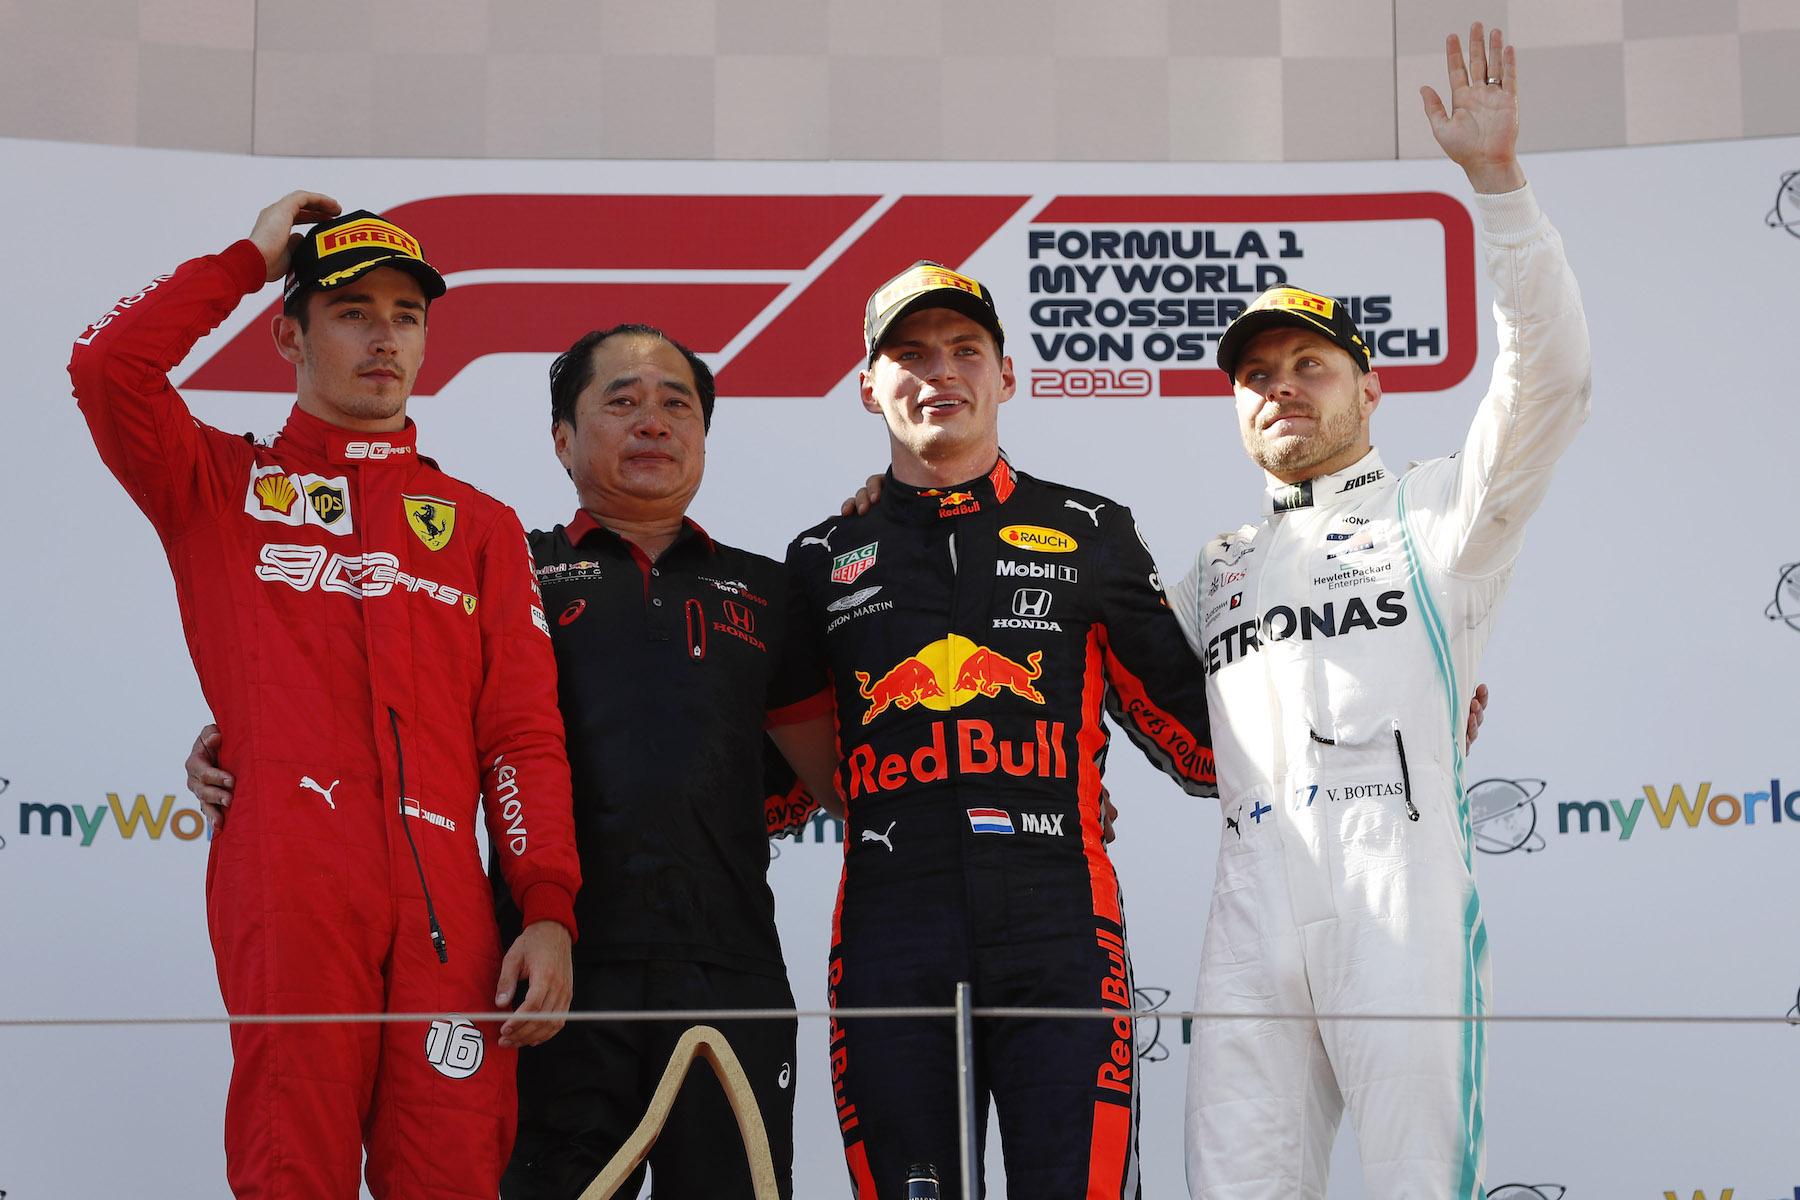 2019 Austrian Grand Prix podium